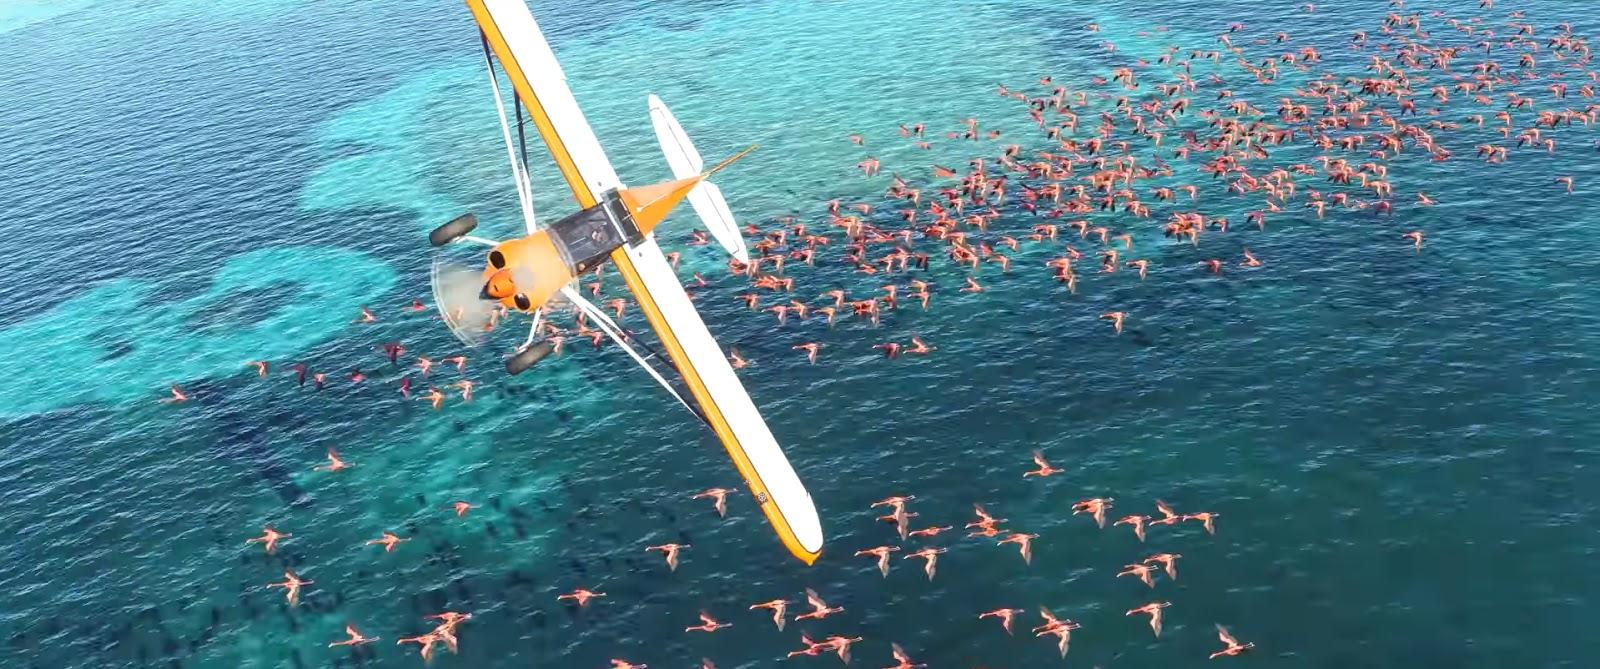 IndiaFoxtEcho Visual Simulations